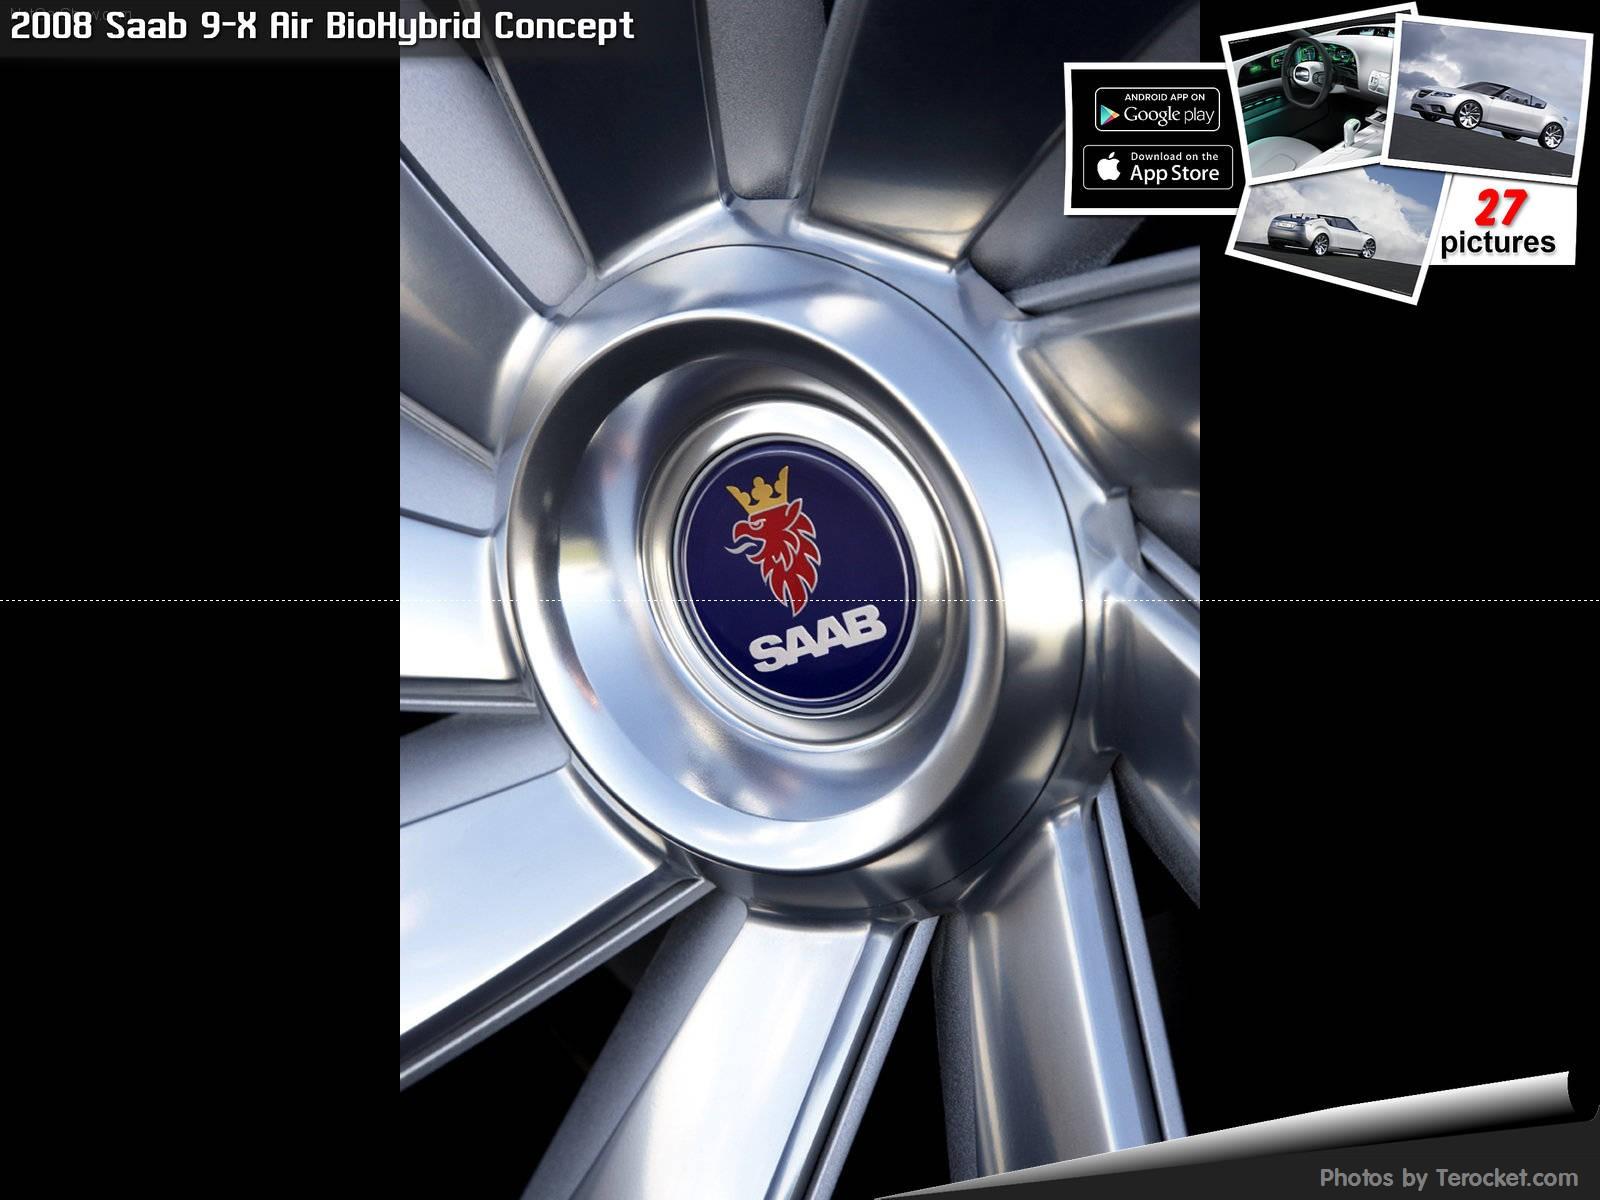 Hình ảnh xe ô tô Saab 9-X Air BioHybrid Concept 2008 & nội ngoại thất